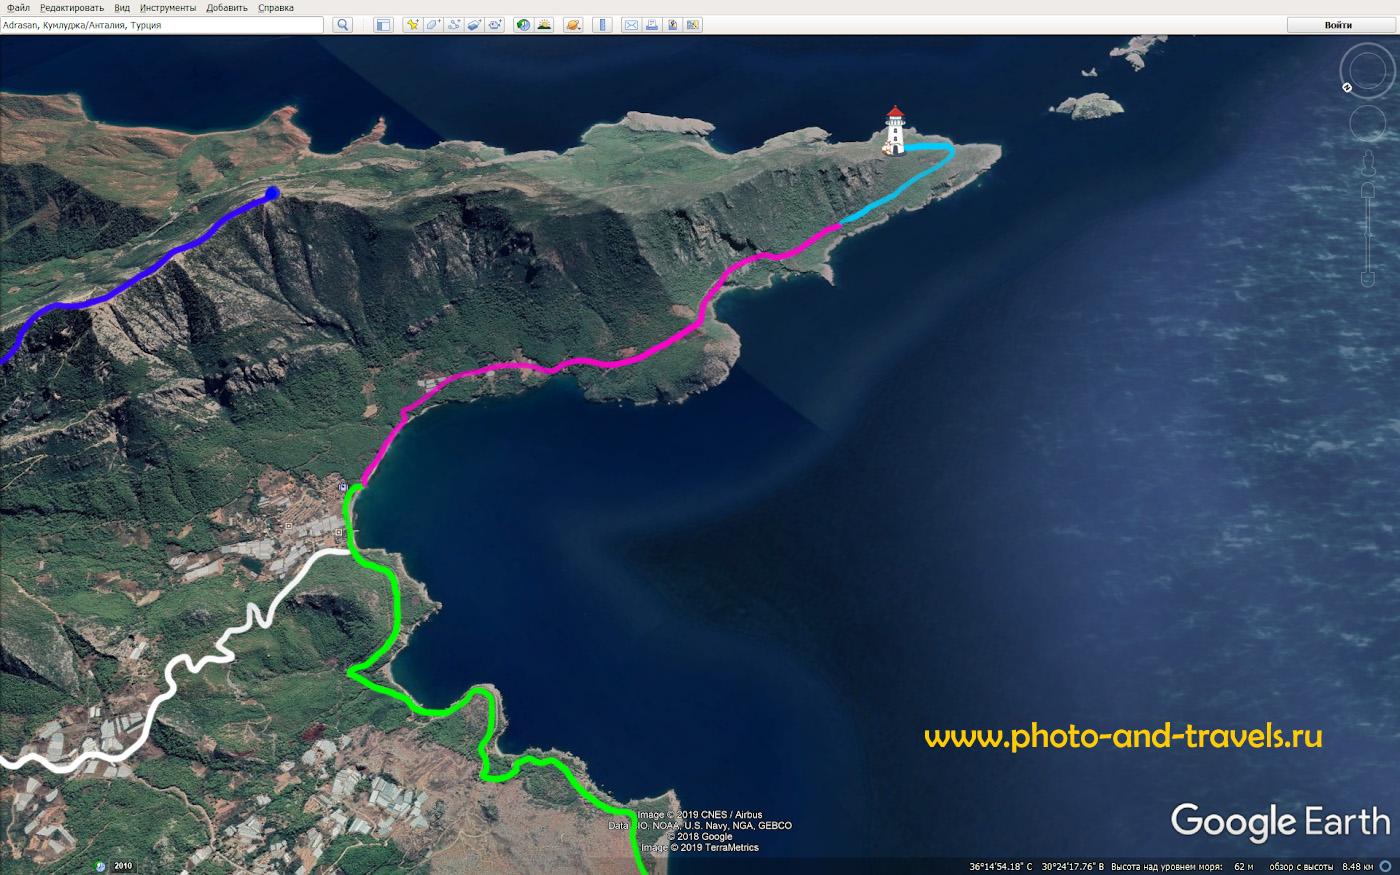 4. Карта со схемой маршрута похода на маяк Гелидония из поселка Караёз на Восточной Ликийской тропе.